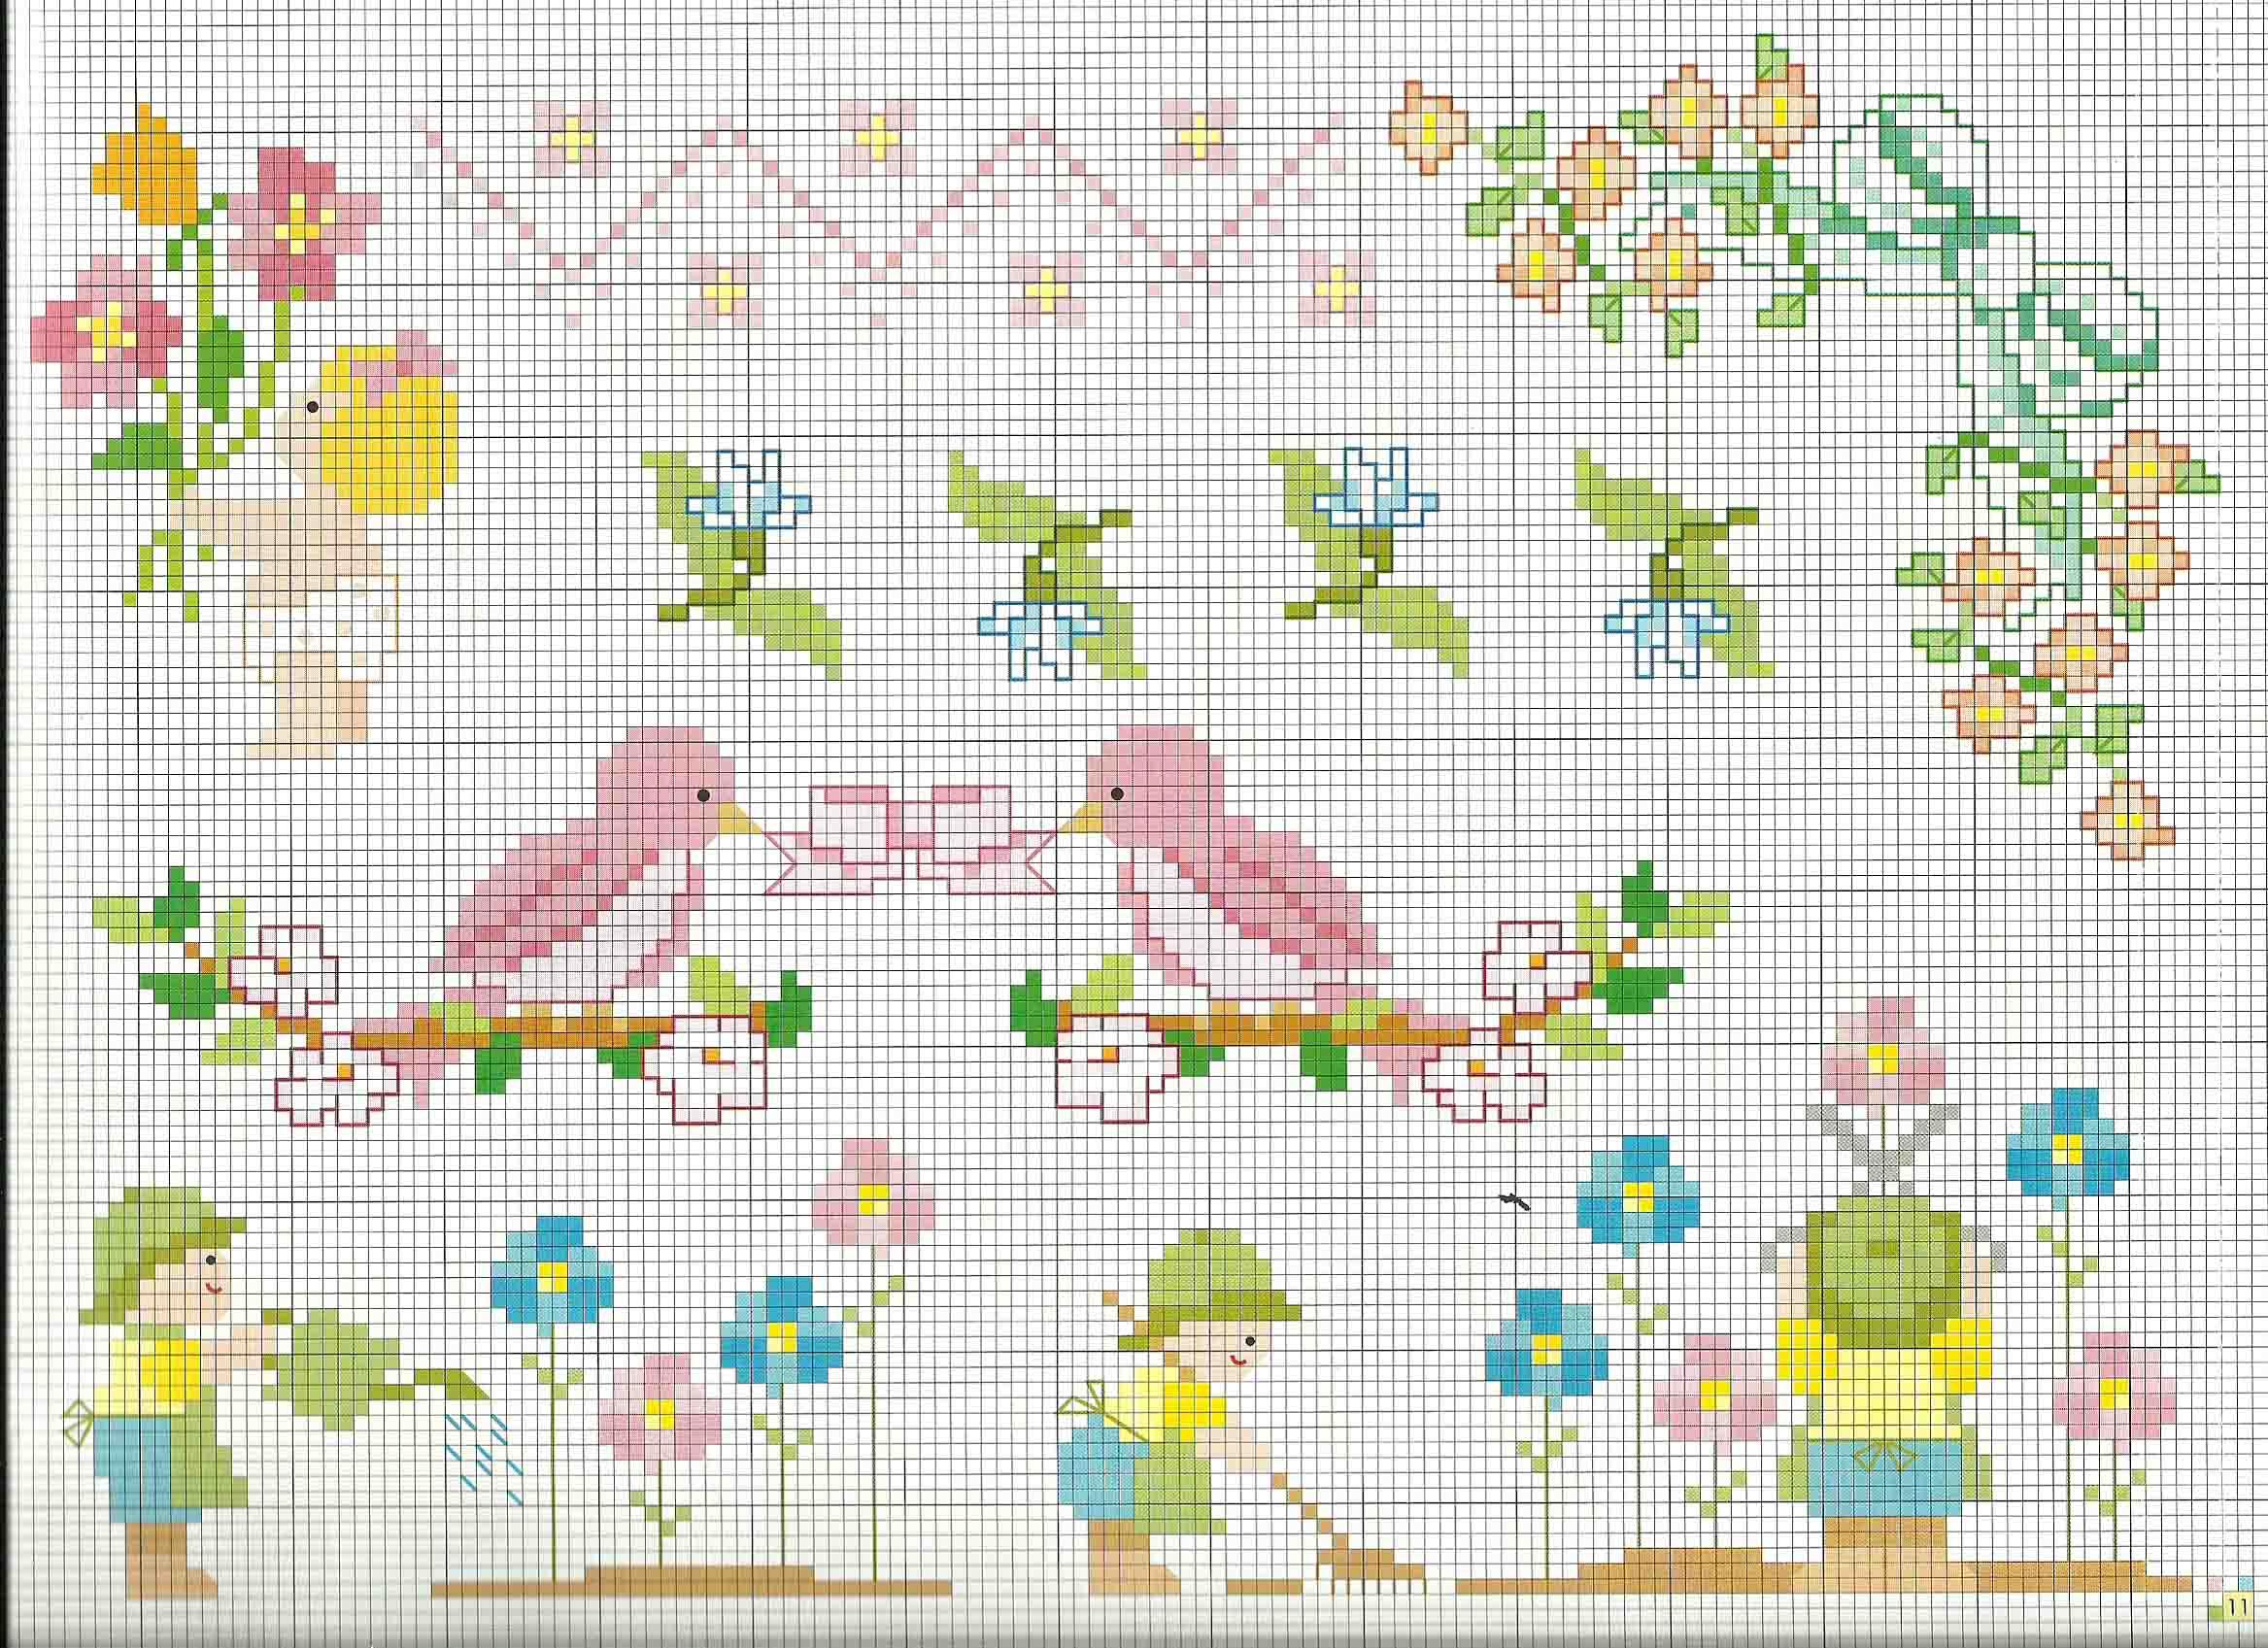 Schemi da ricamare su copertina bebè con uccellini e giardinaggio - magiedifilo.it punto croce ...